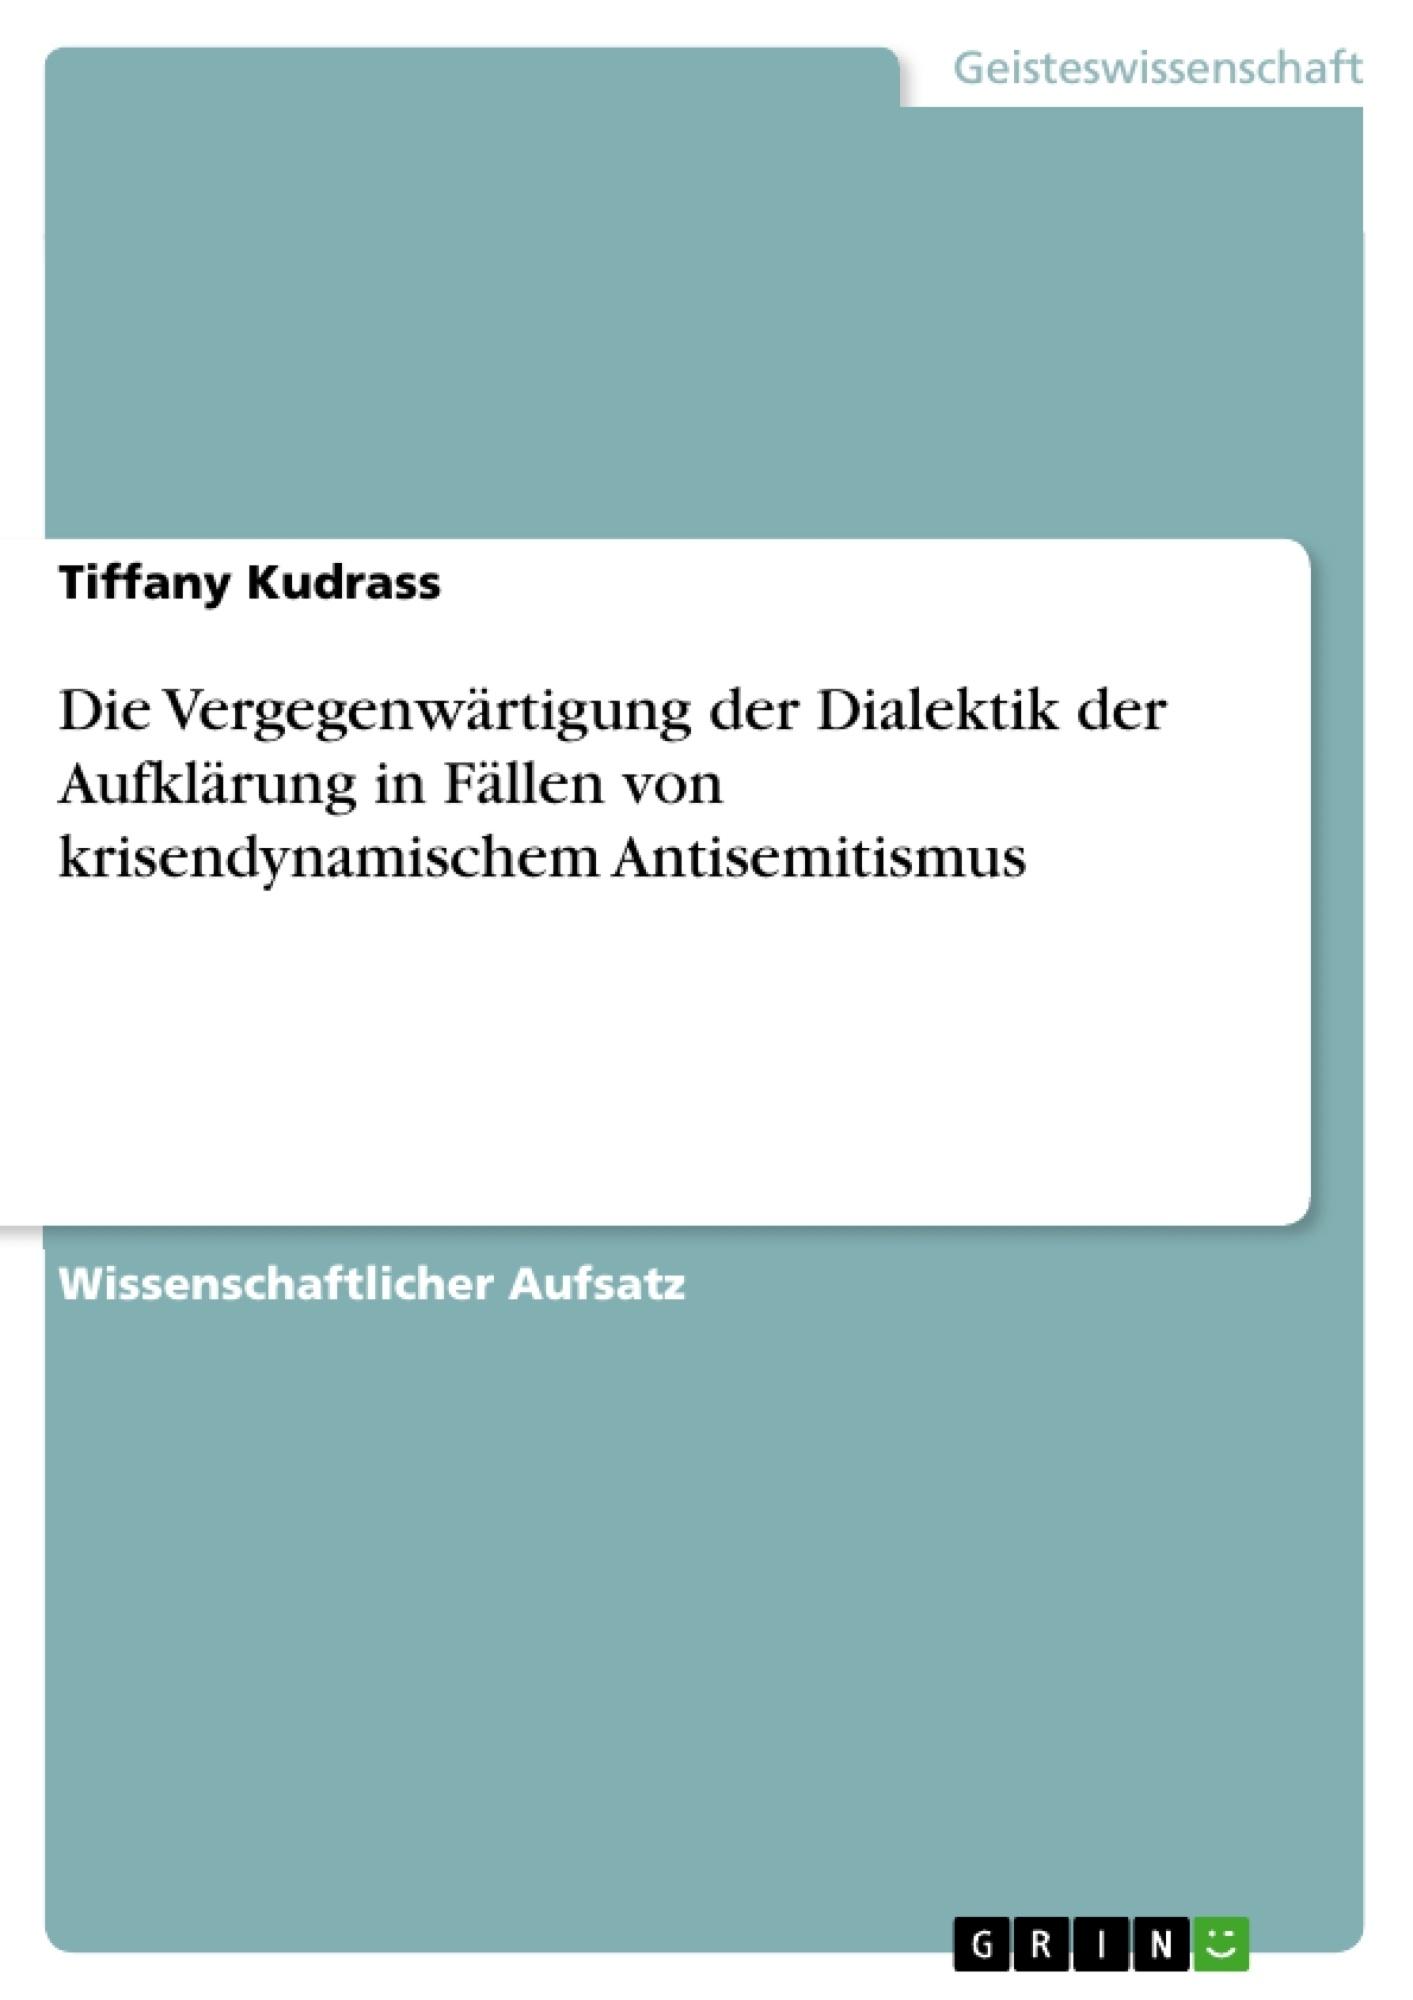 Titel: Die Vergegenwärtigung der Dialektik der Aufklärung in Fällen von krisendynamischem Antisemitismus